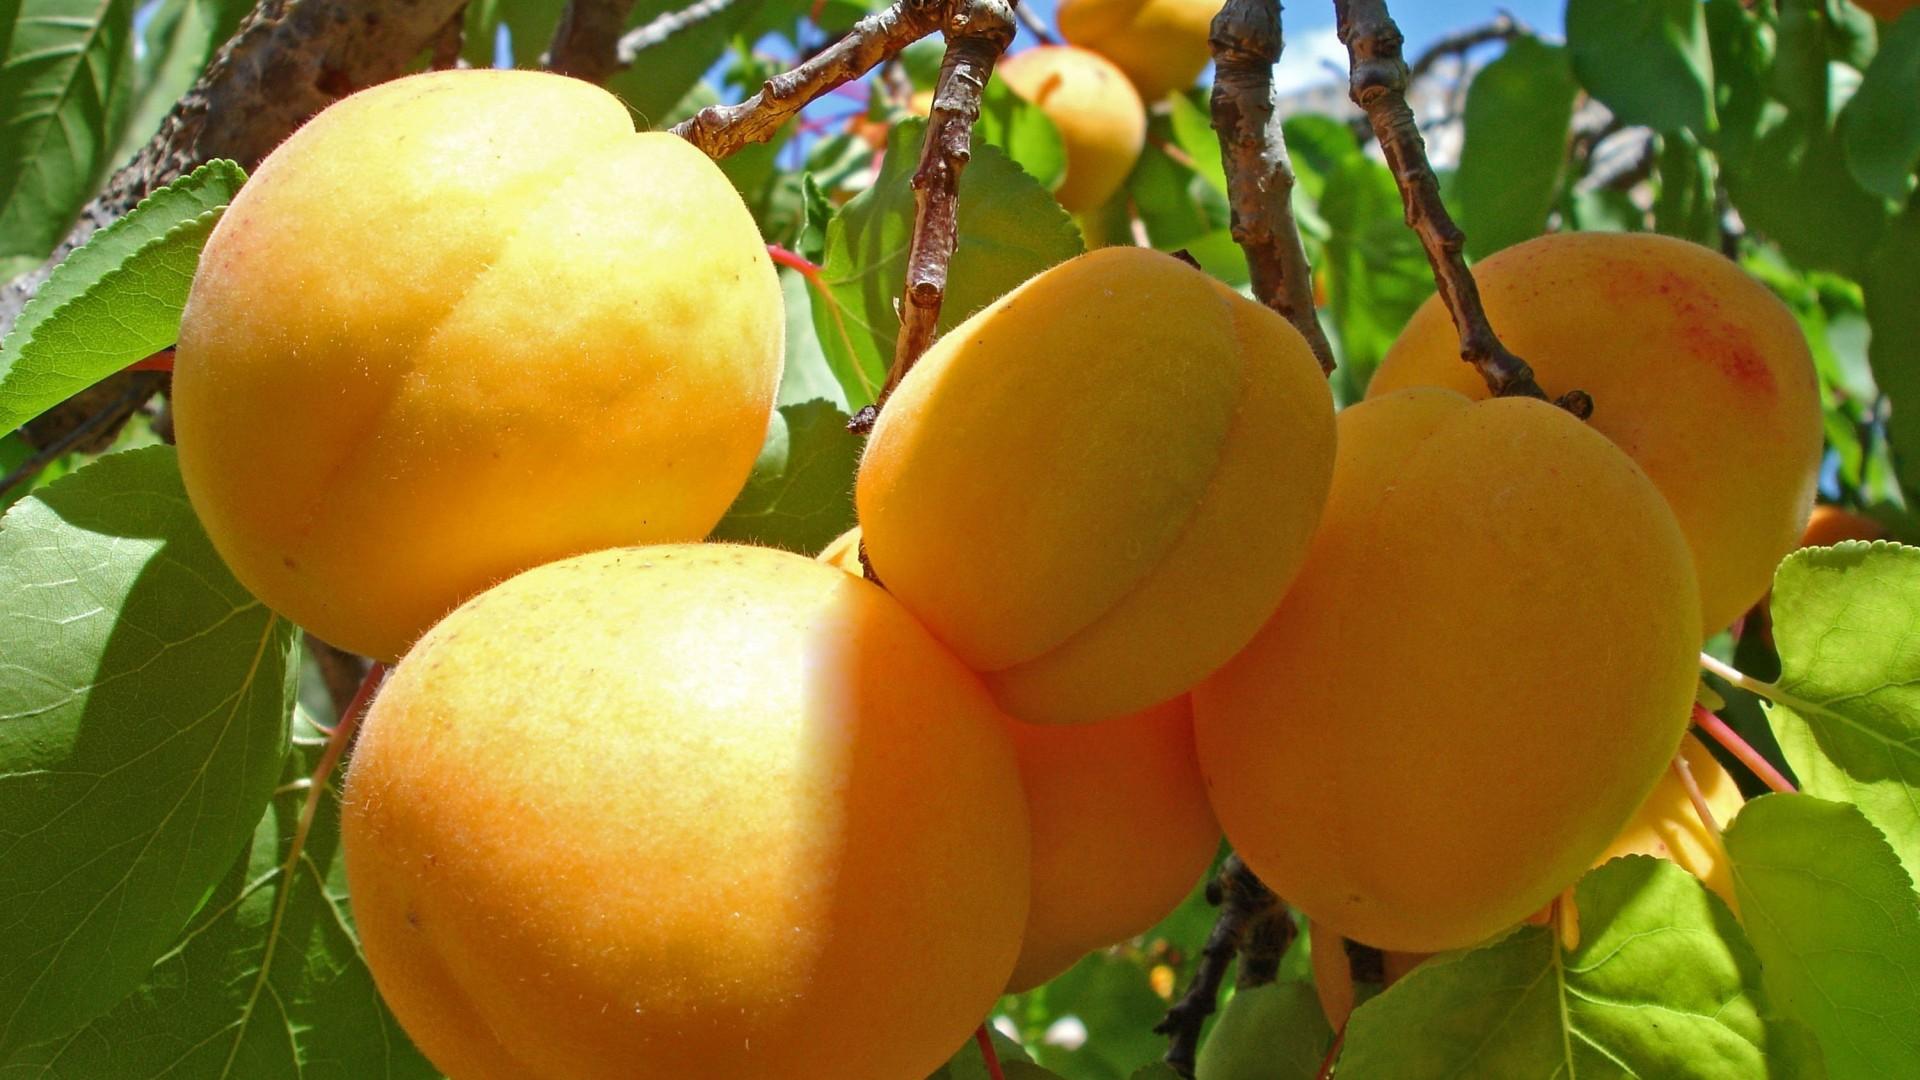 黄桃蓝莓高清水果美图桌面壁纸